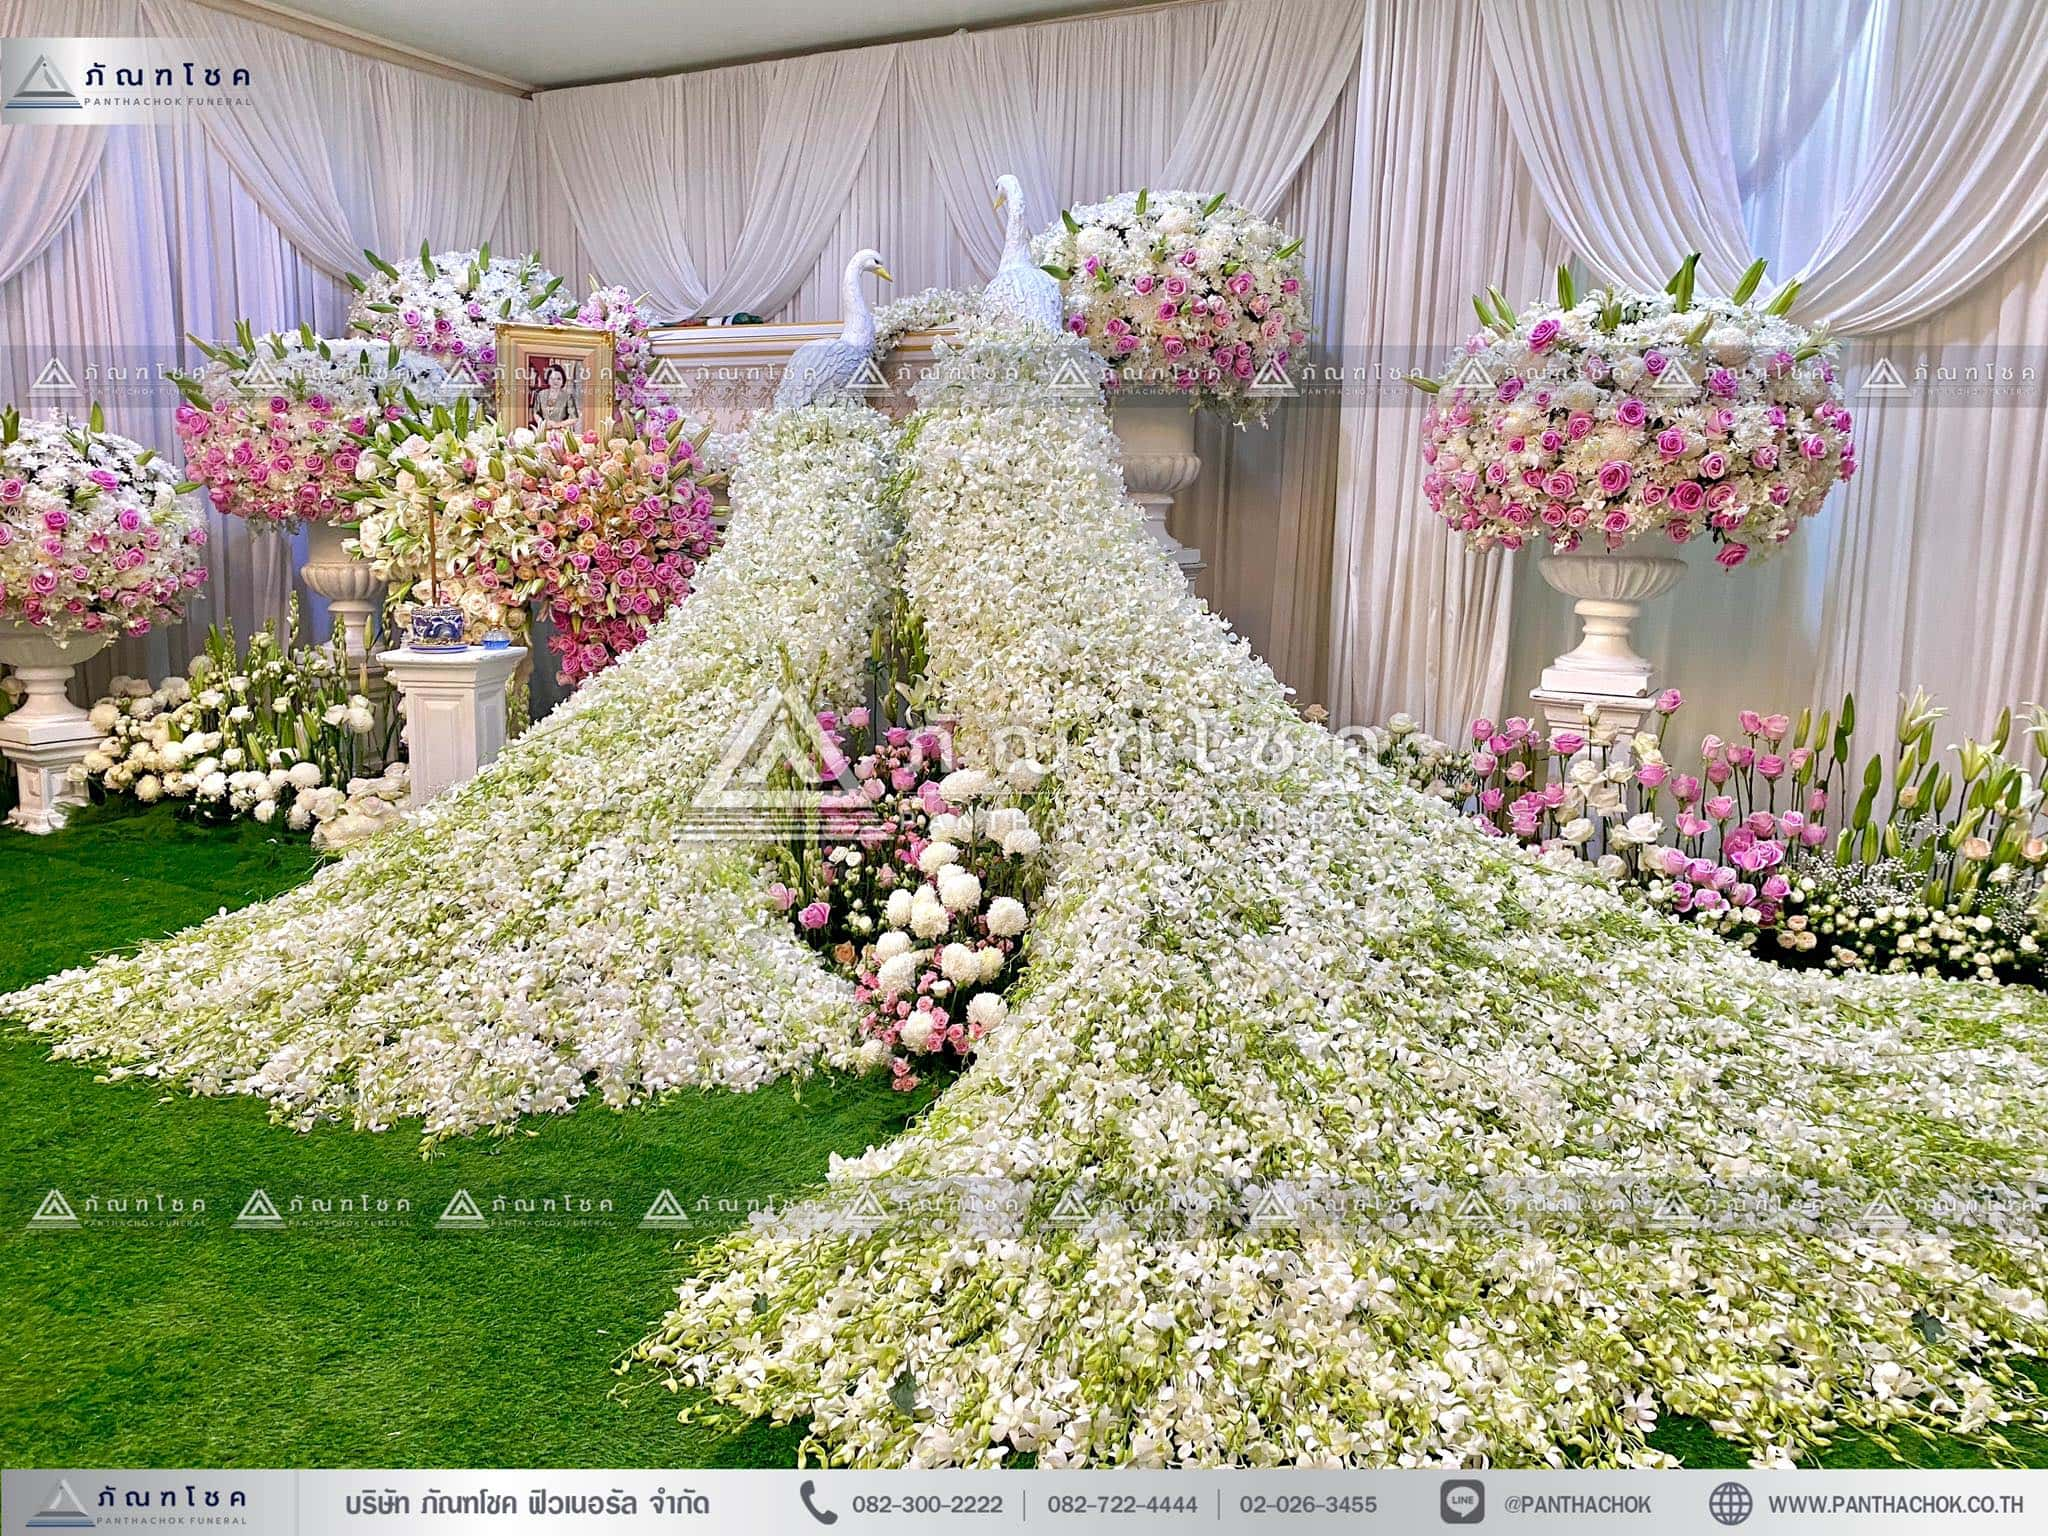 ดอกไม้สดหน้าศพกรุงเทพแบบหรูหรา ดอกไม้หน้าหีบ นกยูงอลังการ